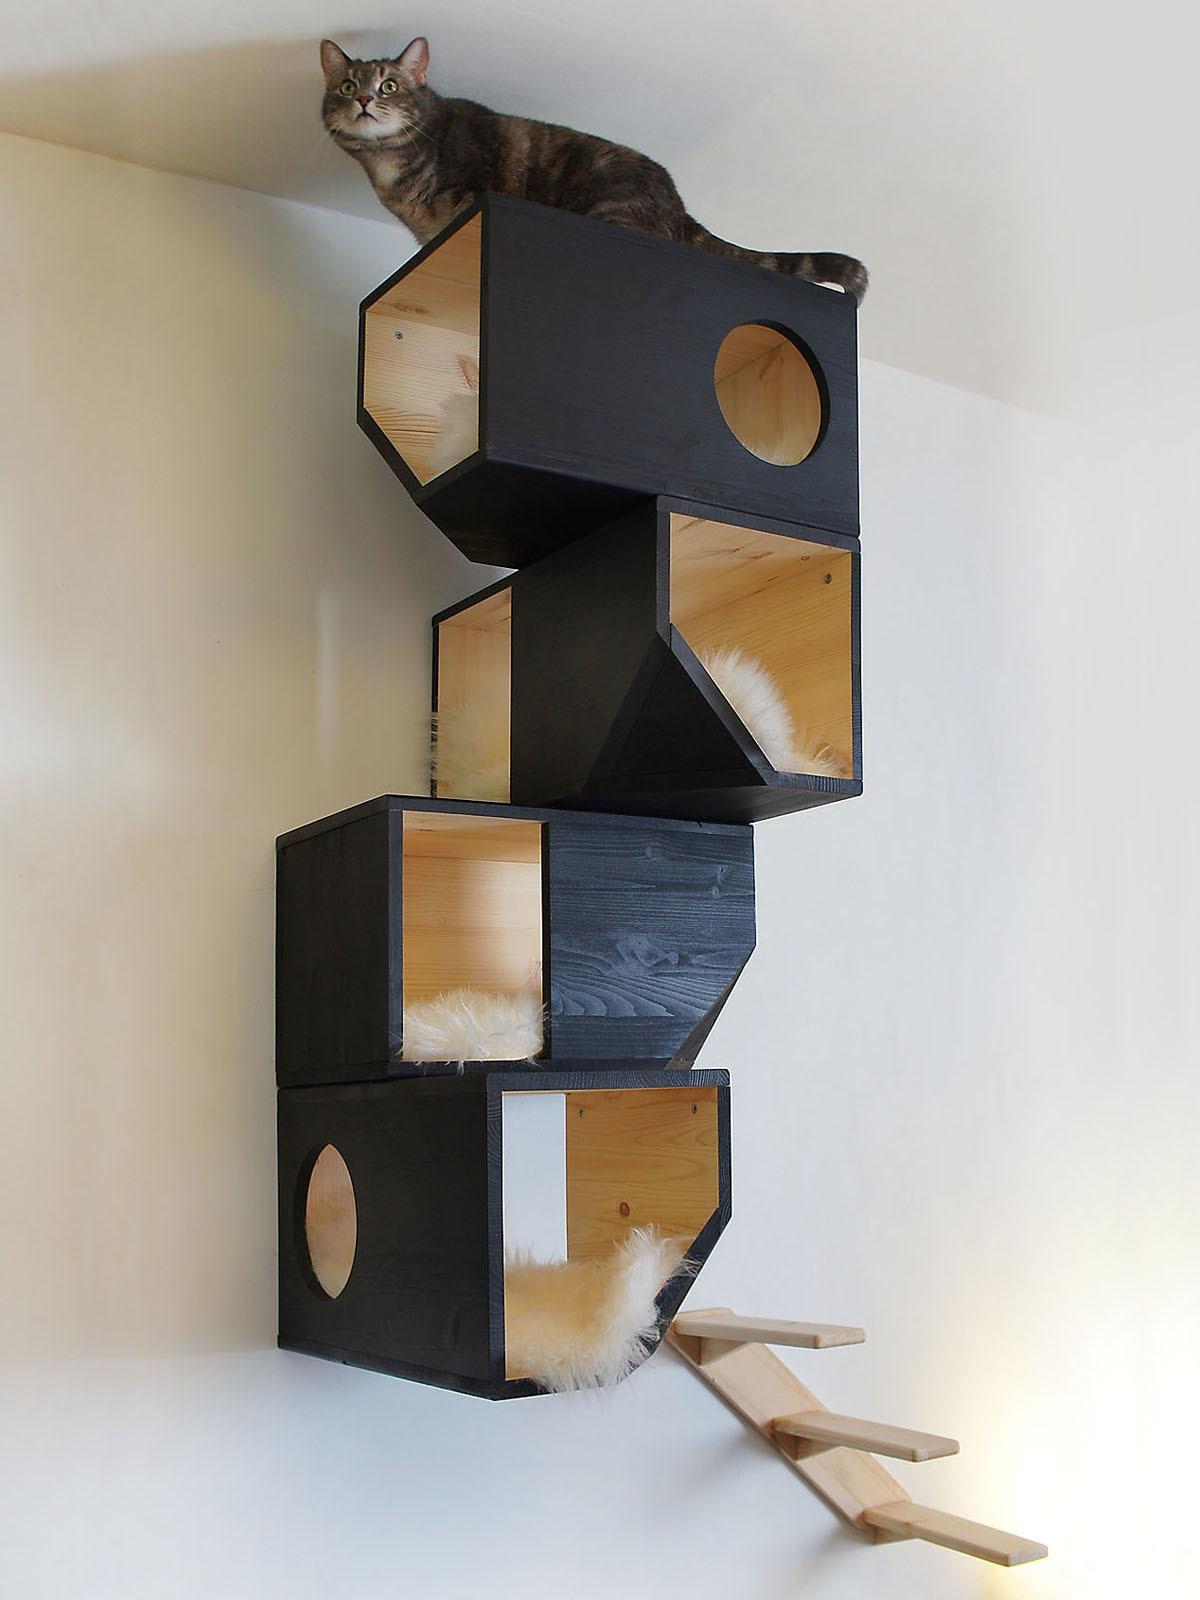 Настенный модульный домик для кошки